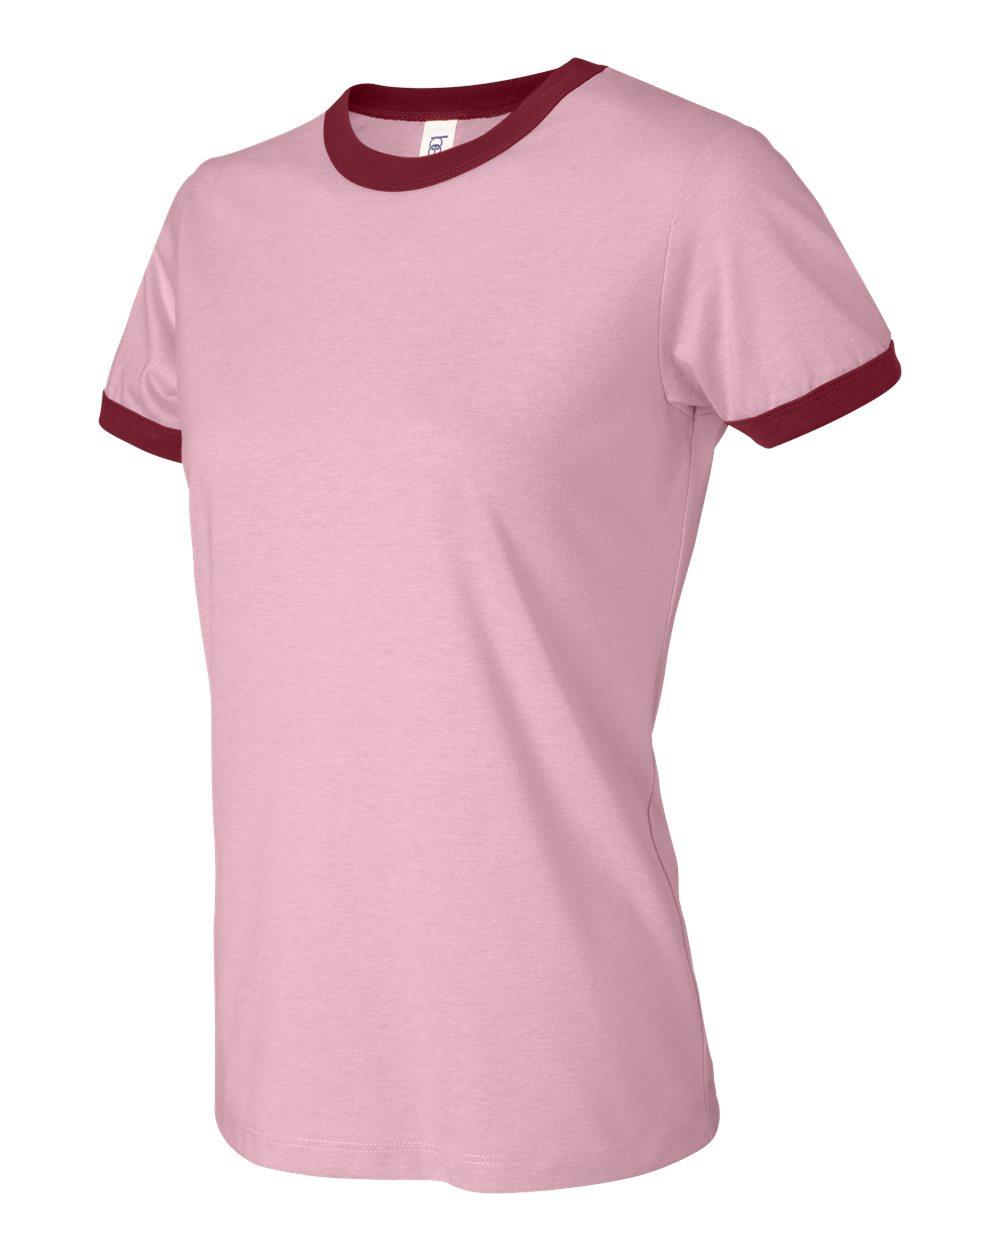 Bella-Canvas-Women-039-s-Jersey-Short-Sleeve-Ringer-T-Shirt-B6050-S-2XL thumbnail 10